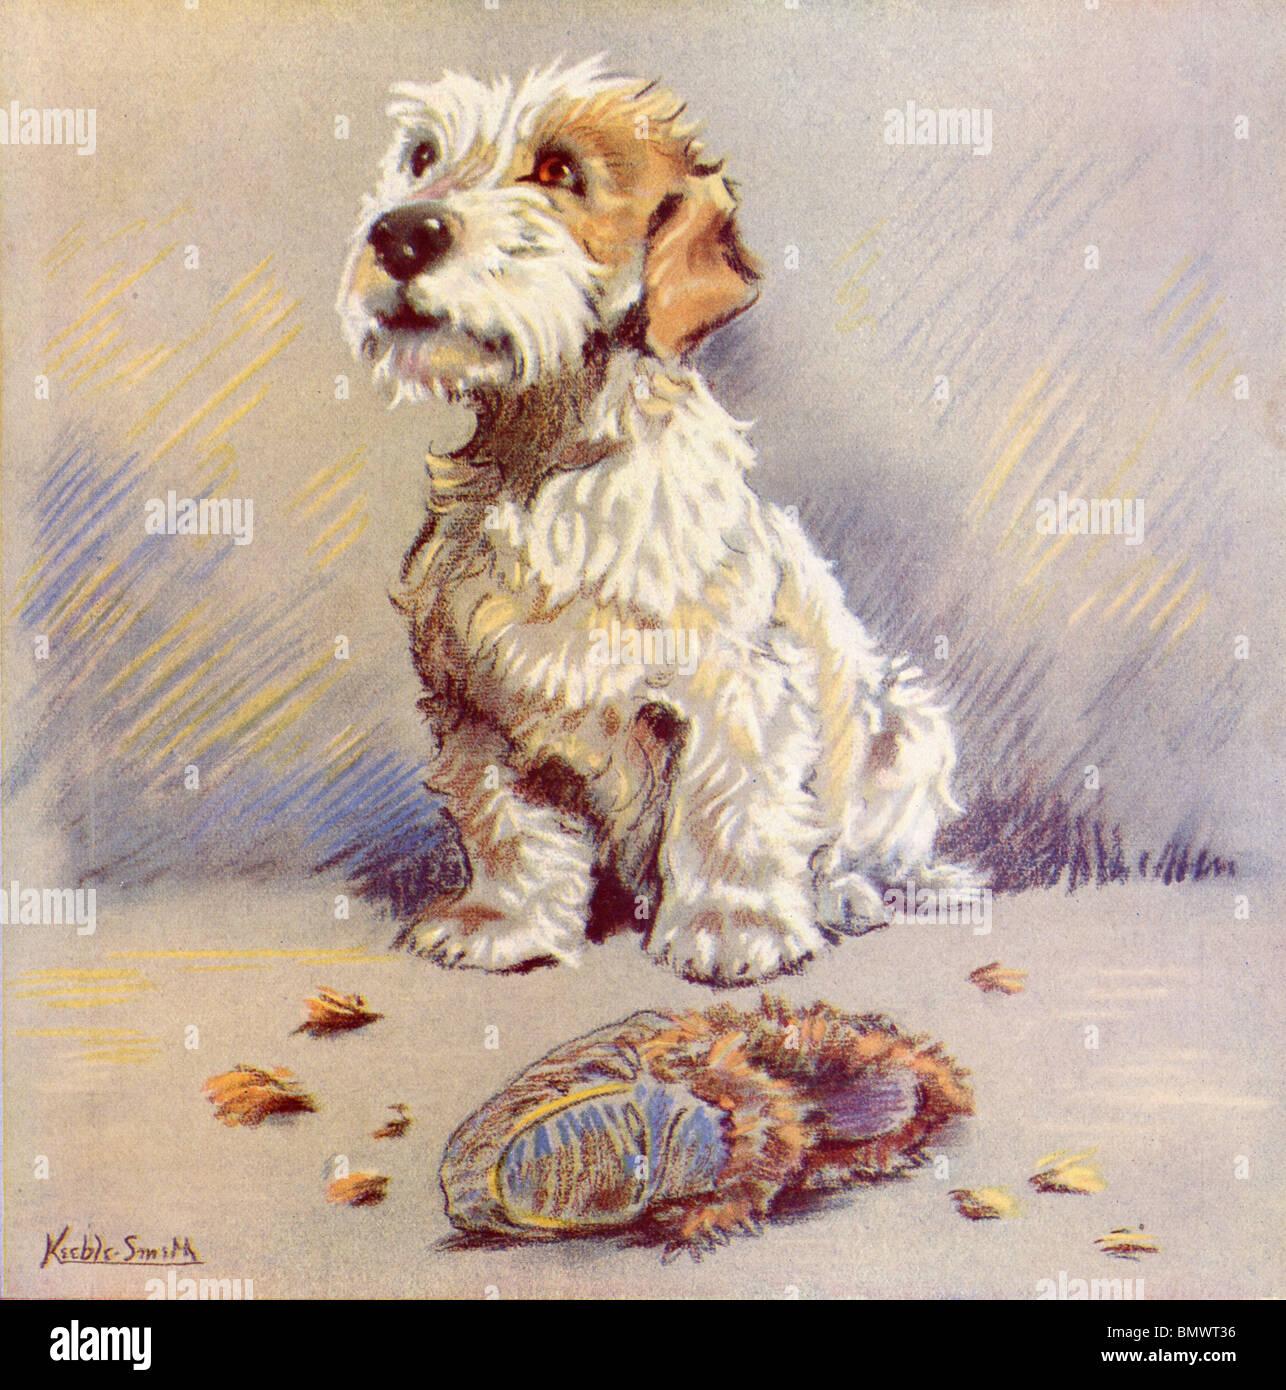 El pequeño perro blanco con grandes ojos marrones Imagen De Stock